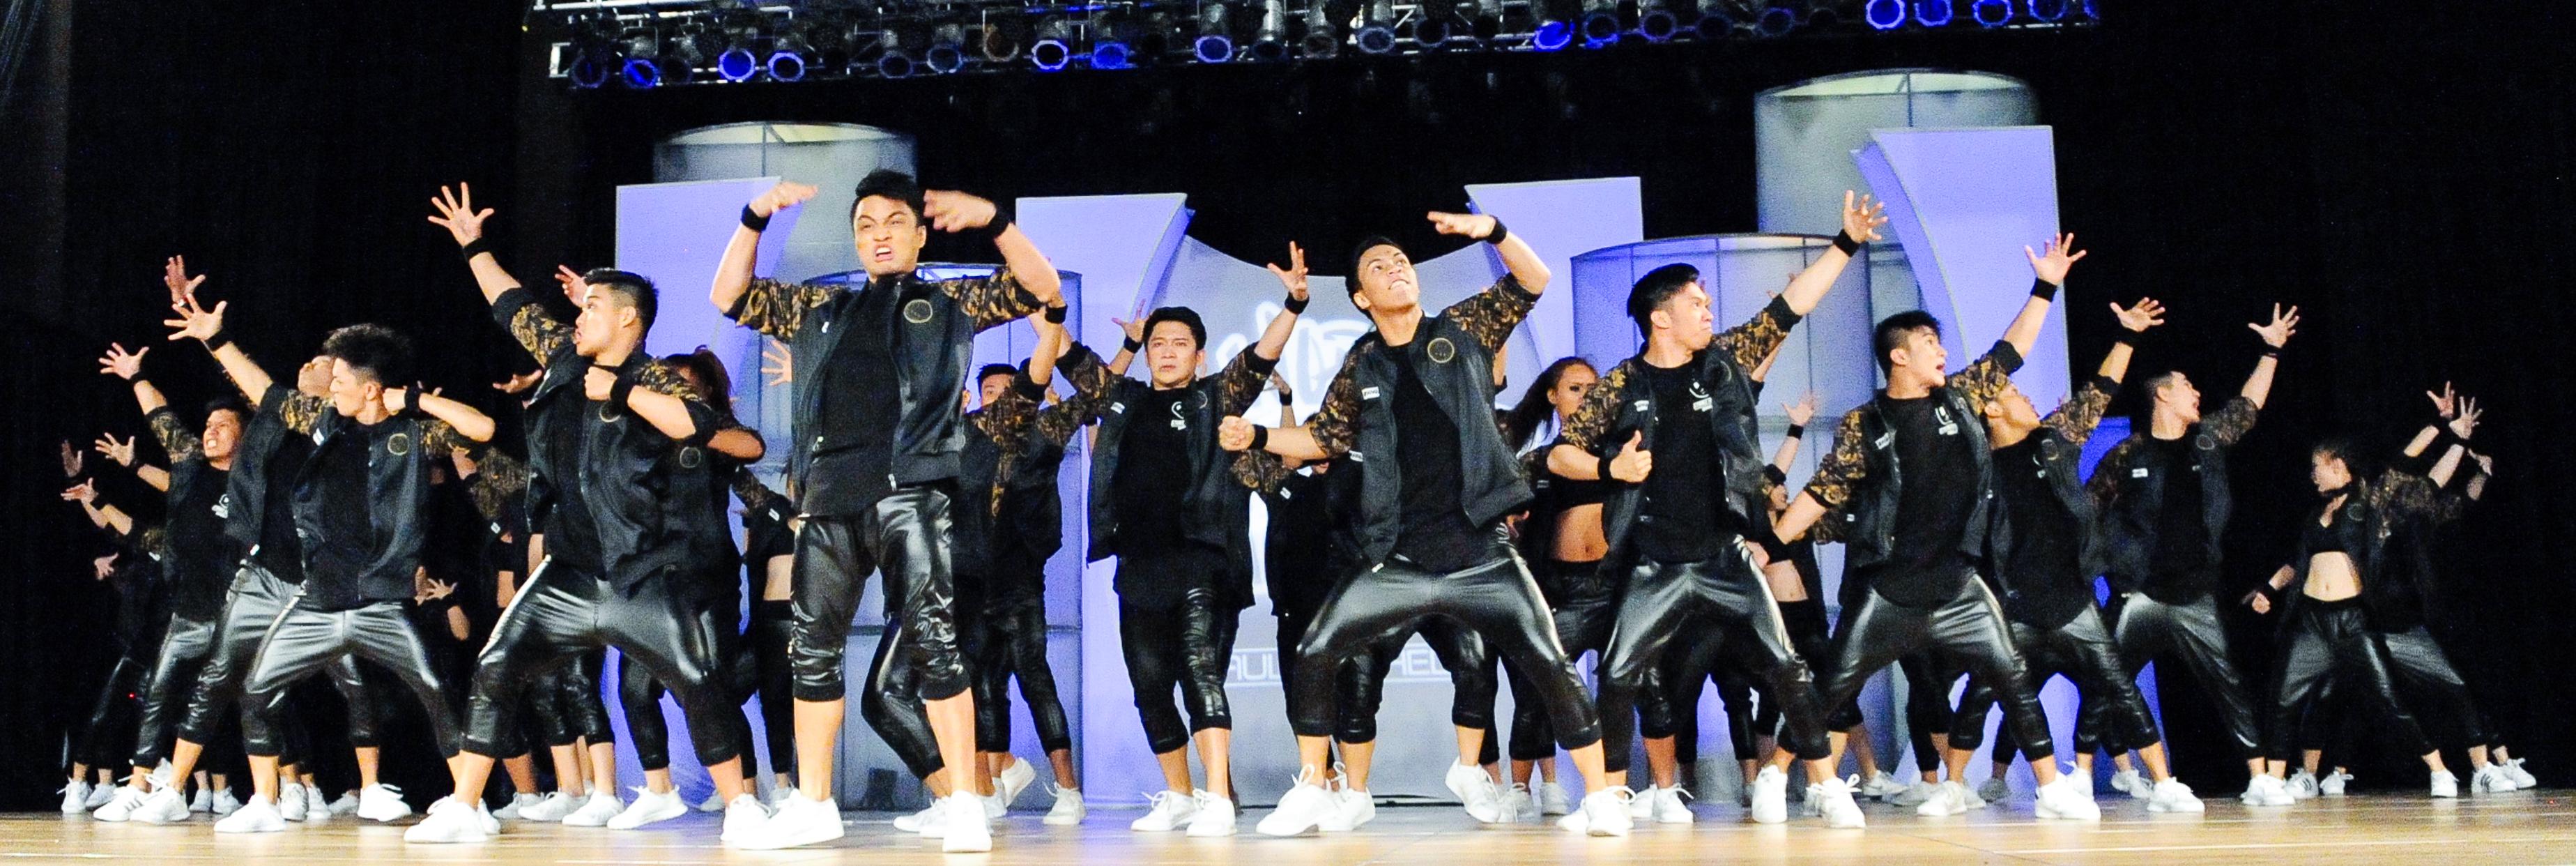 Philippines - La Salle Dance Company Street - MegaCrew